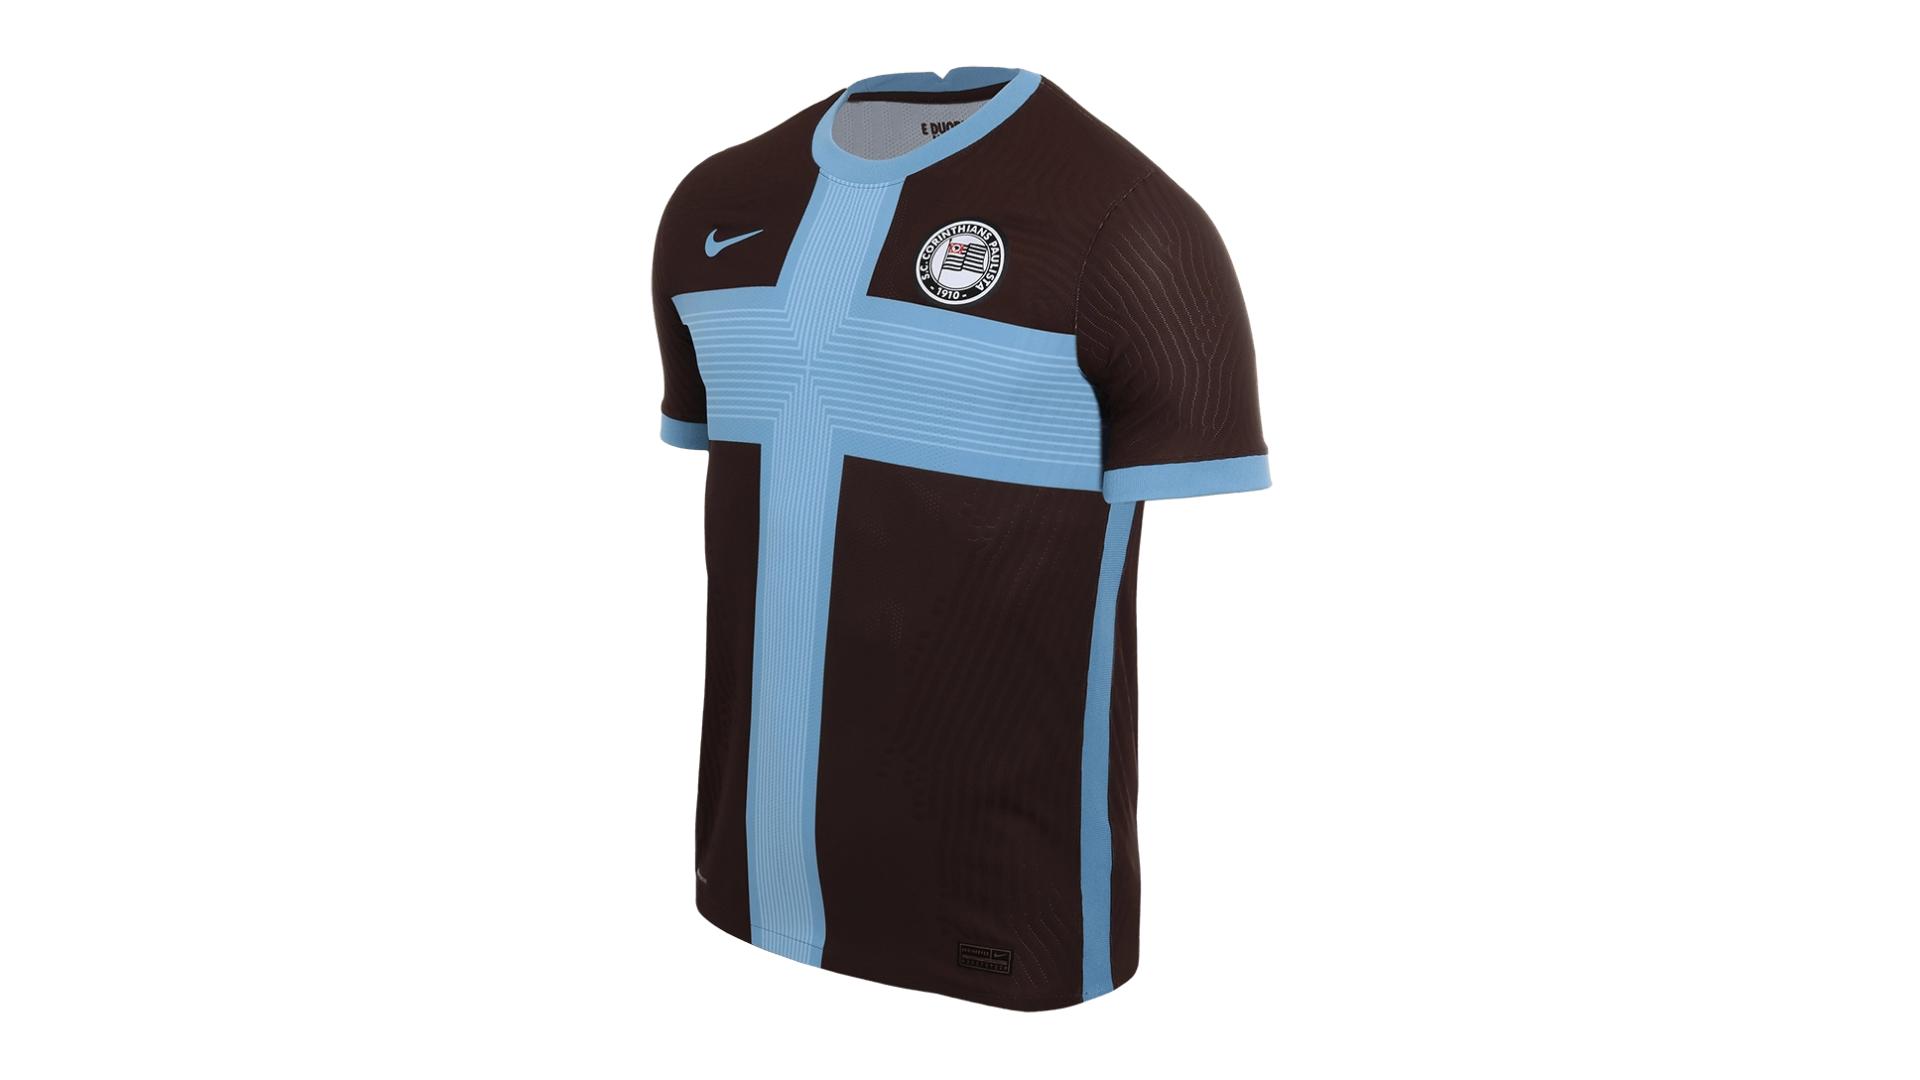 Camisa do Corinthians 2020 Nike Jogo 3 (Imagem: Divulgação/Nike)